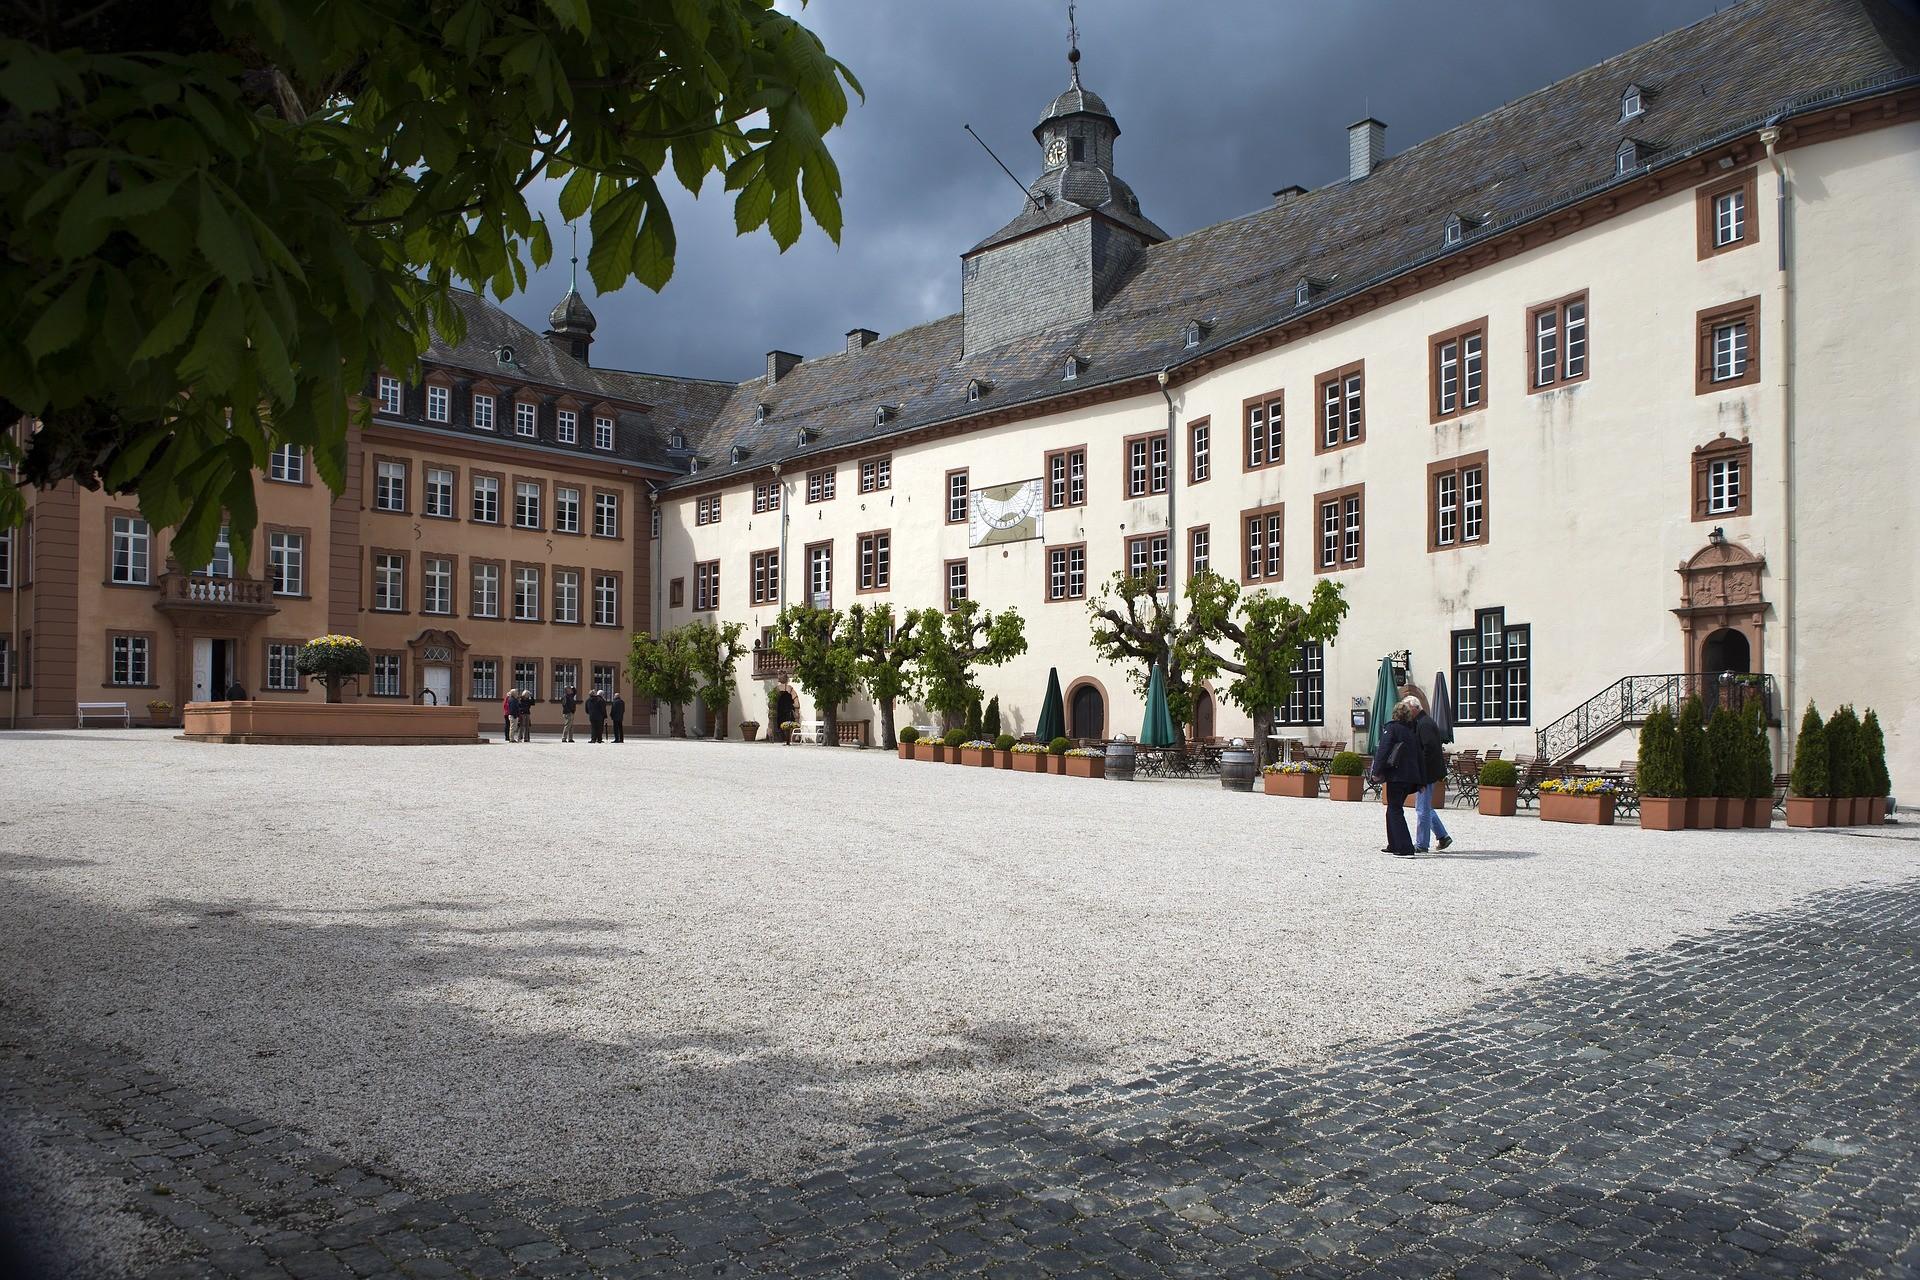 Experiencia Erasmus en Siegen, Alemania por Elias.